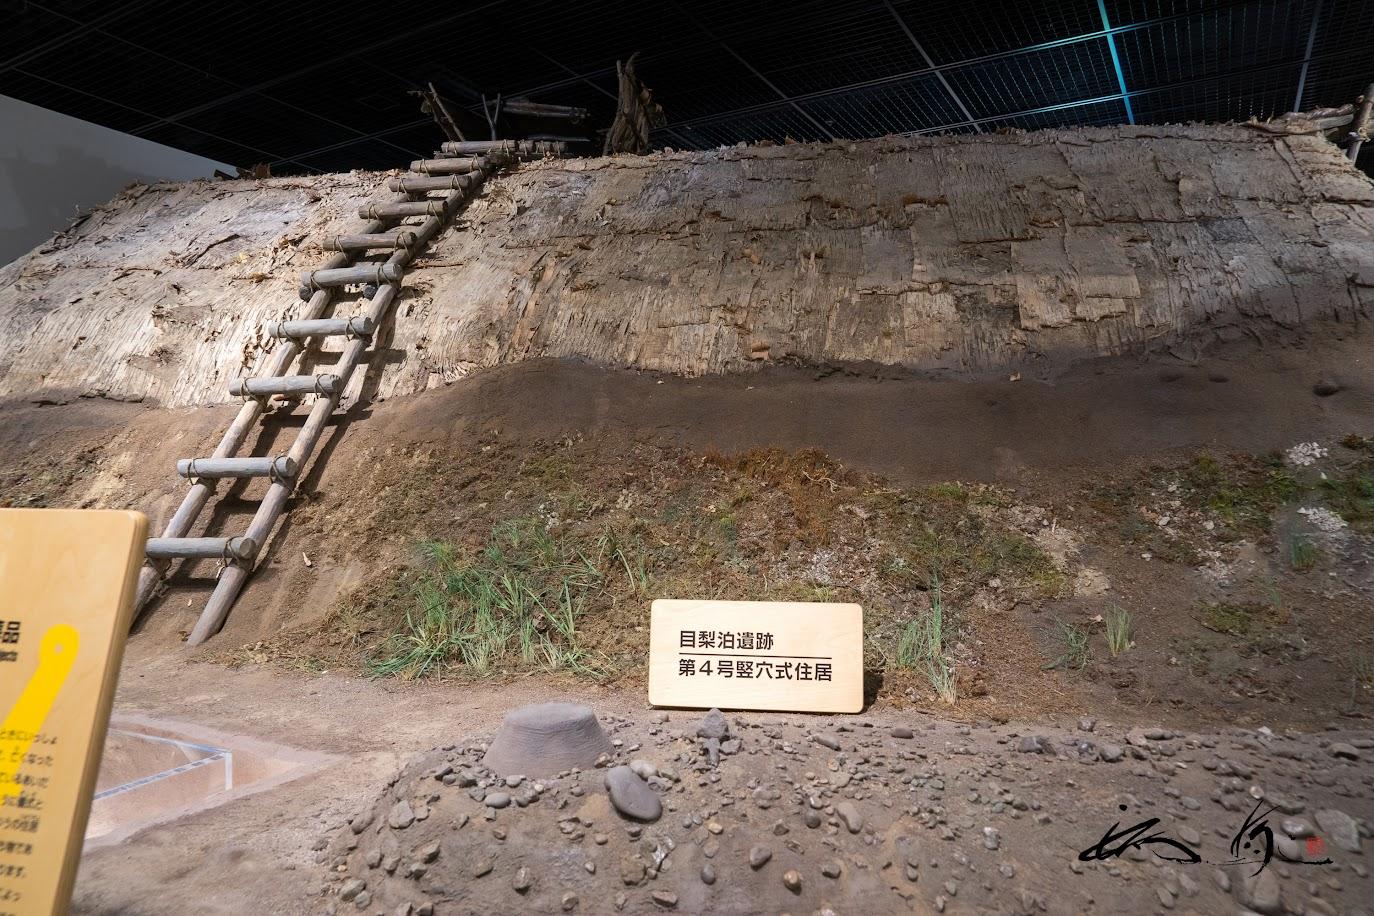 目梨泊遺跡